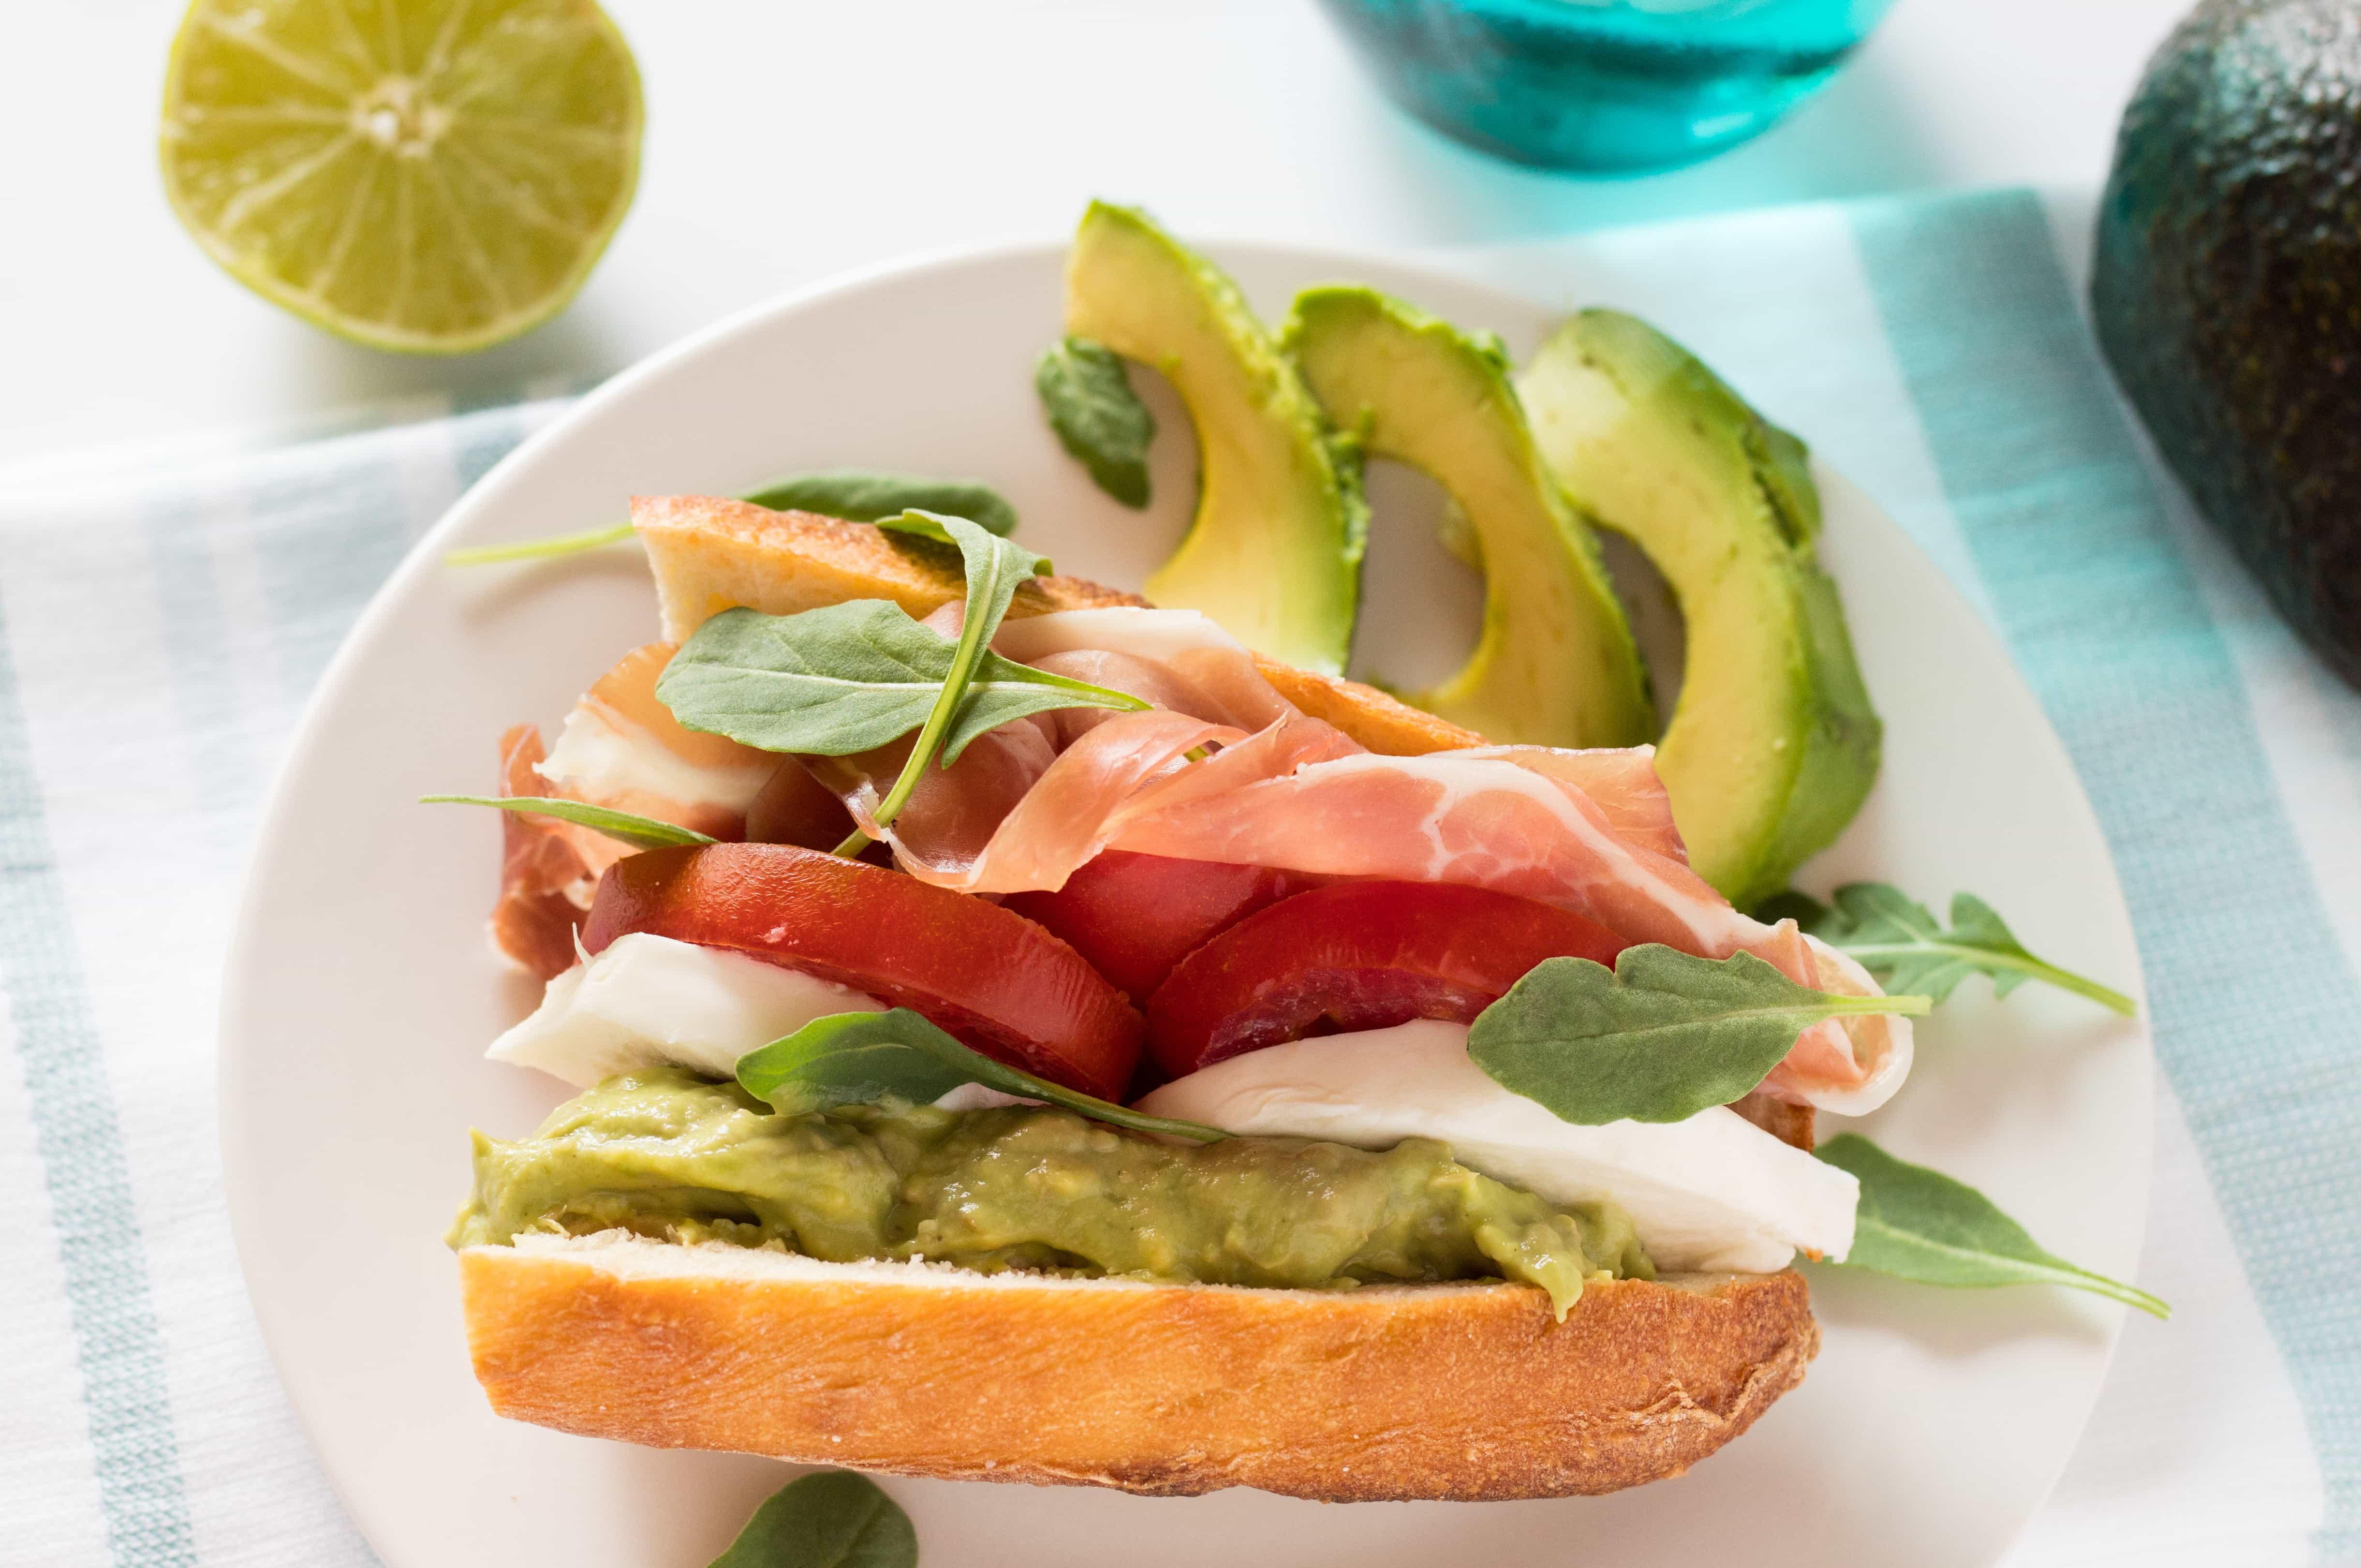 Prosciutto, Tomato, Cheese and Arugula Sandwich with Avocado Spread